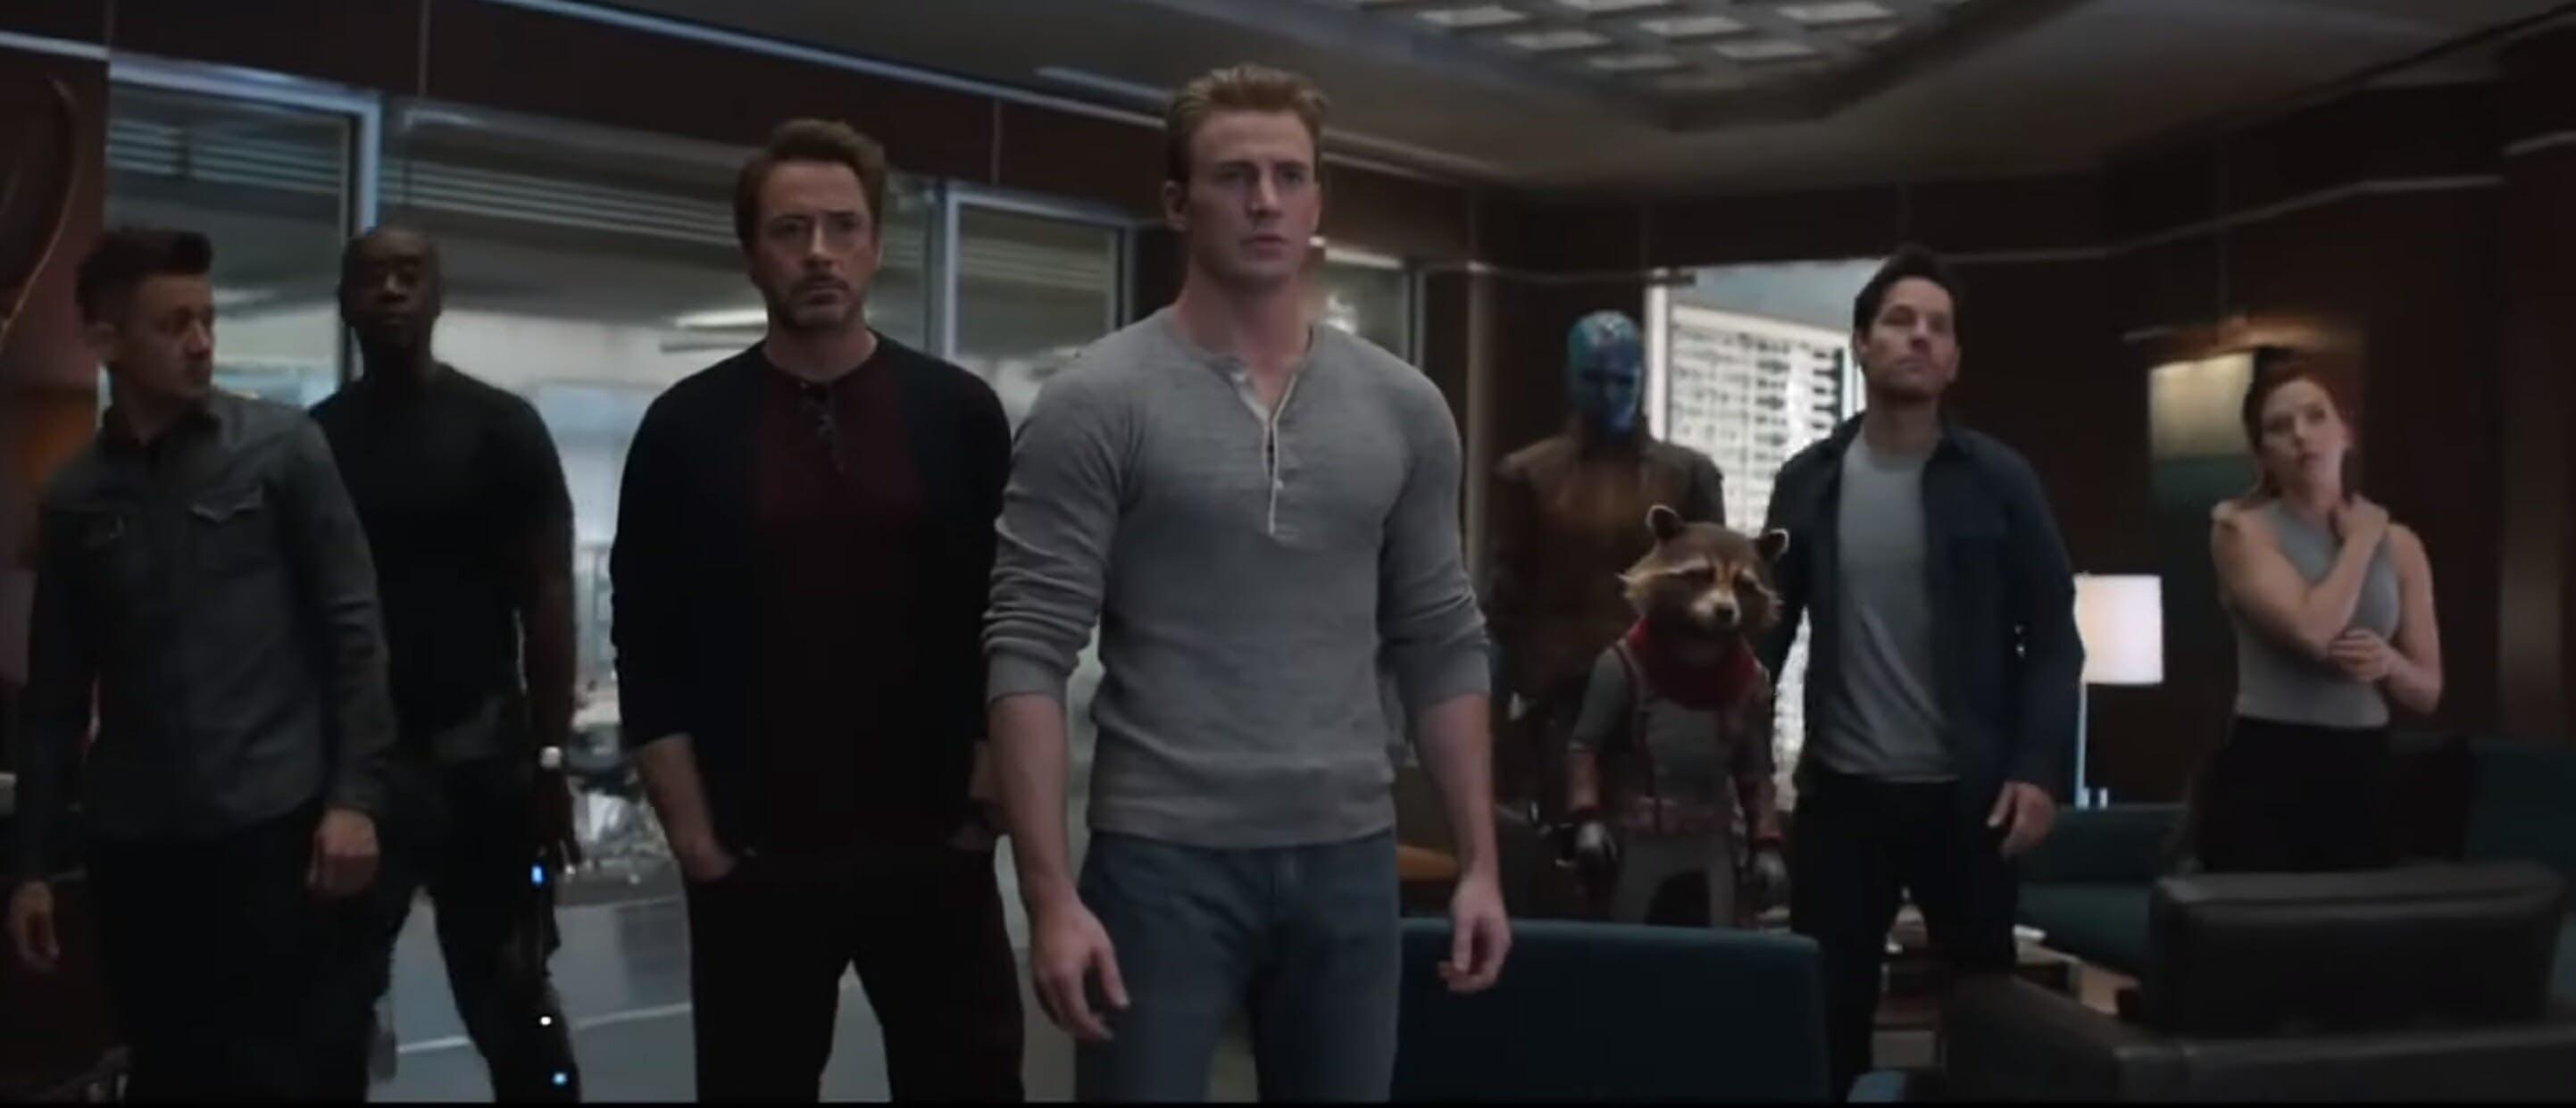 avengers endgame spoilers tv ads hulk